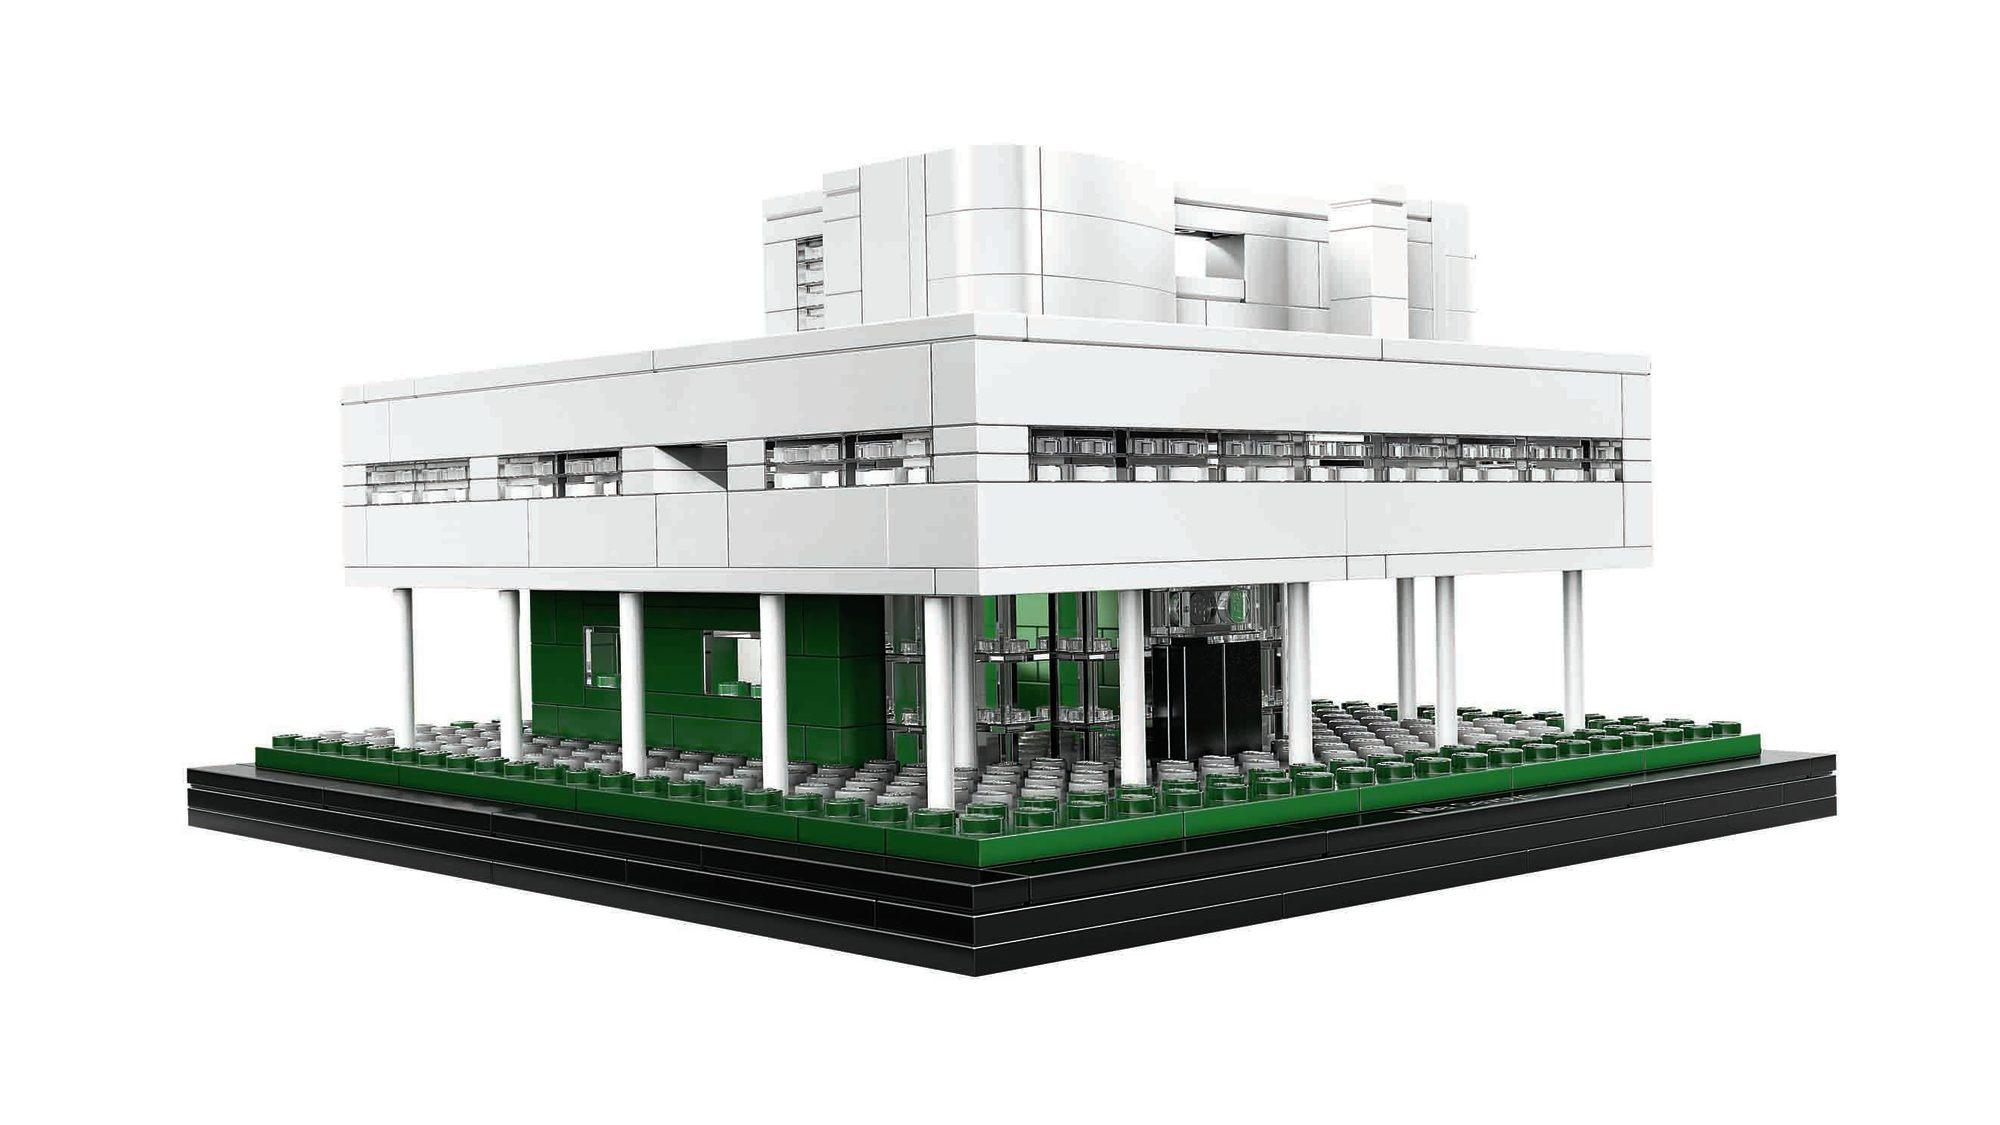 Win le corbusier s villa savoye from lego architecture for Architecture villa